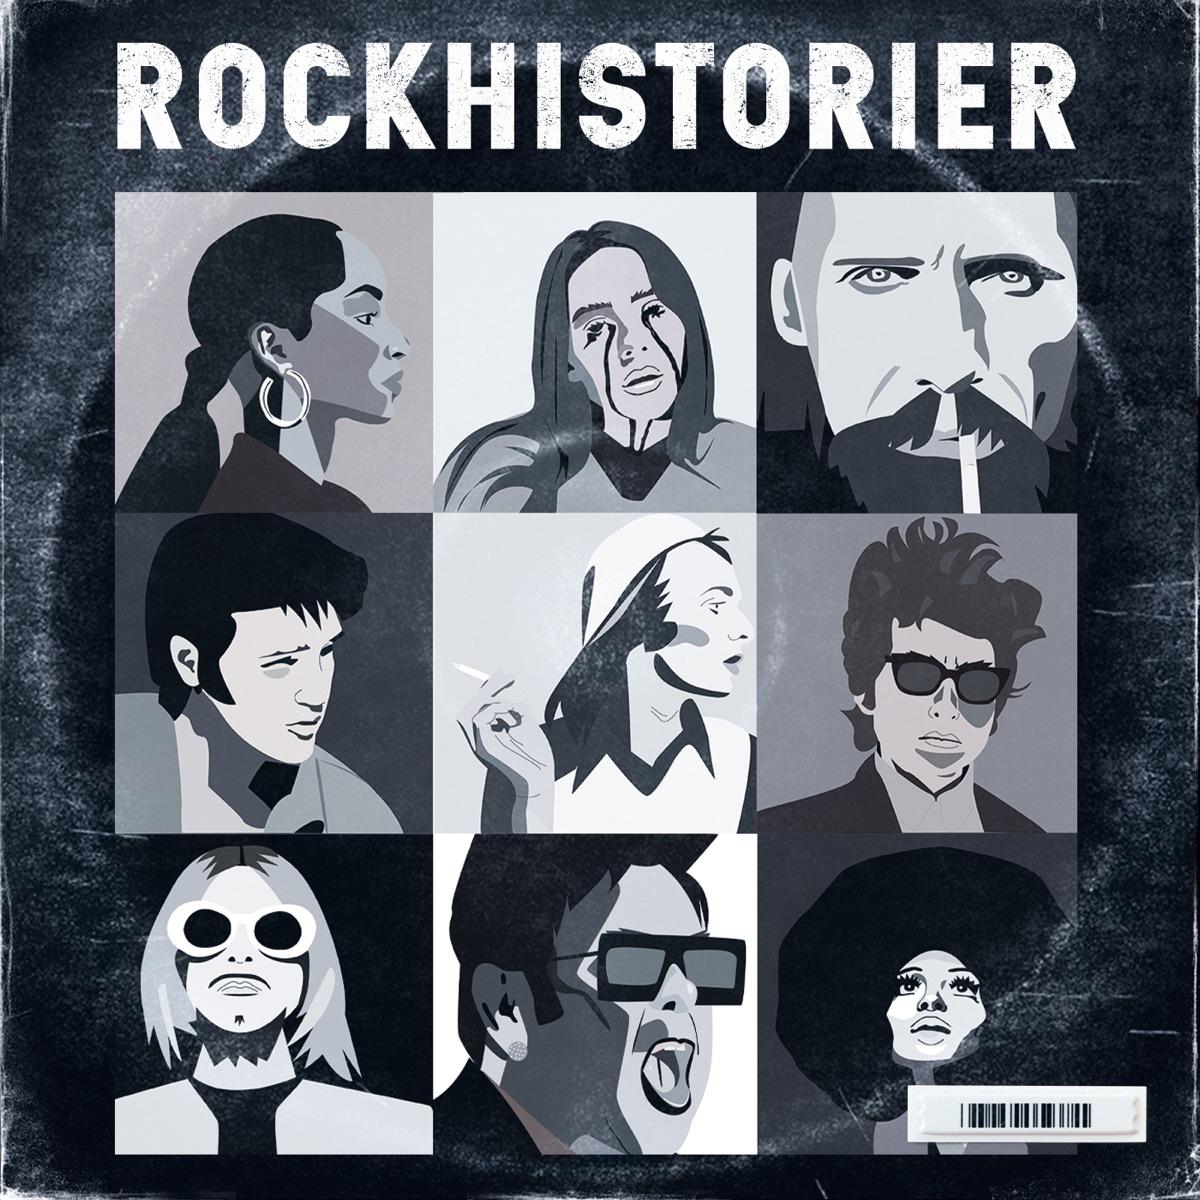 Rockhistorier